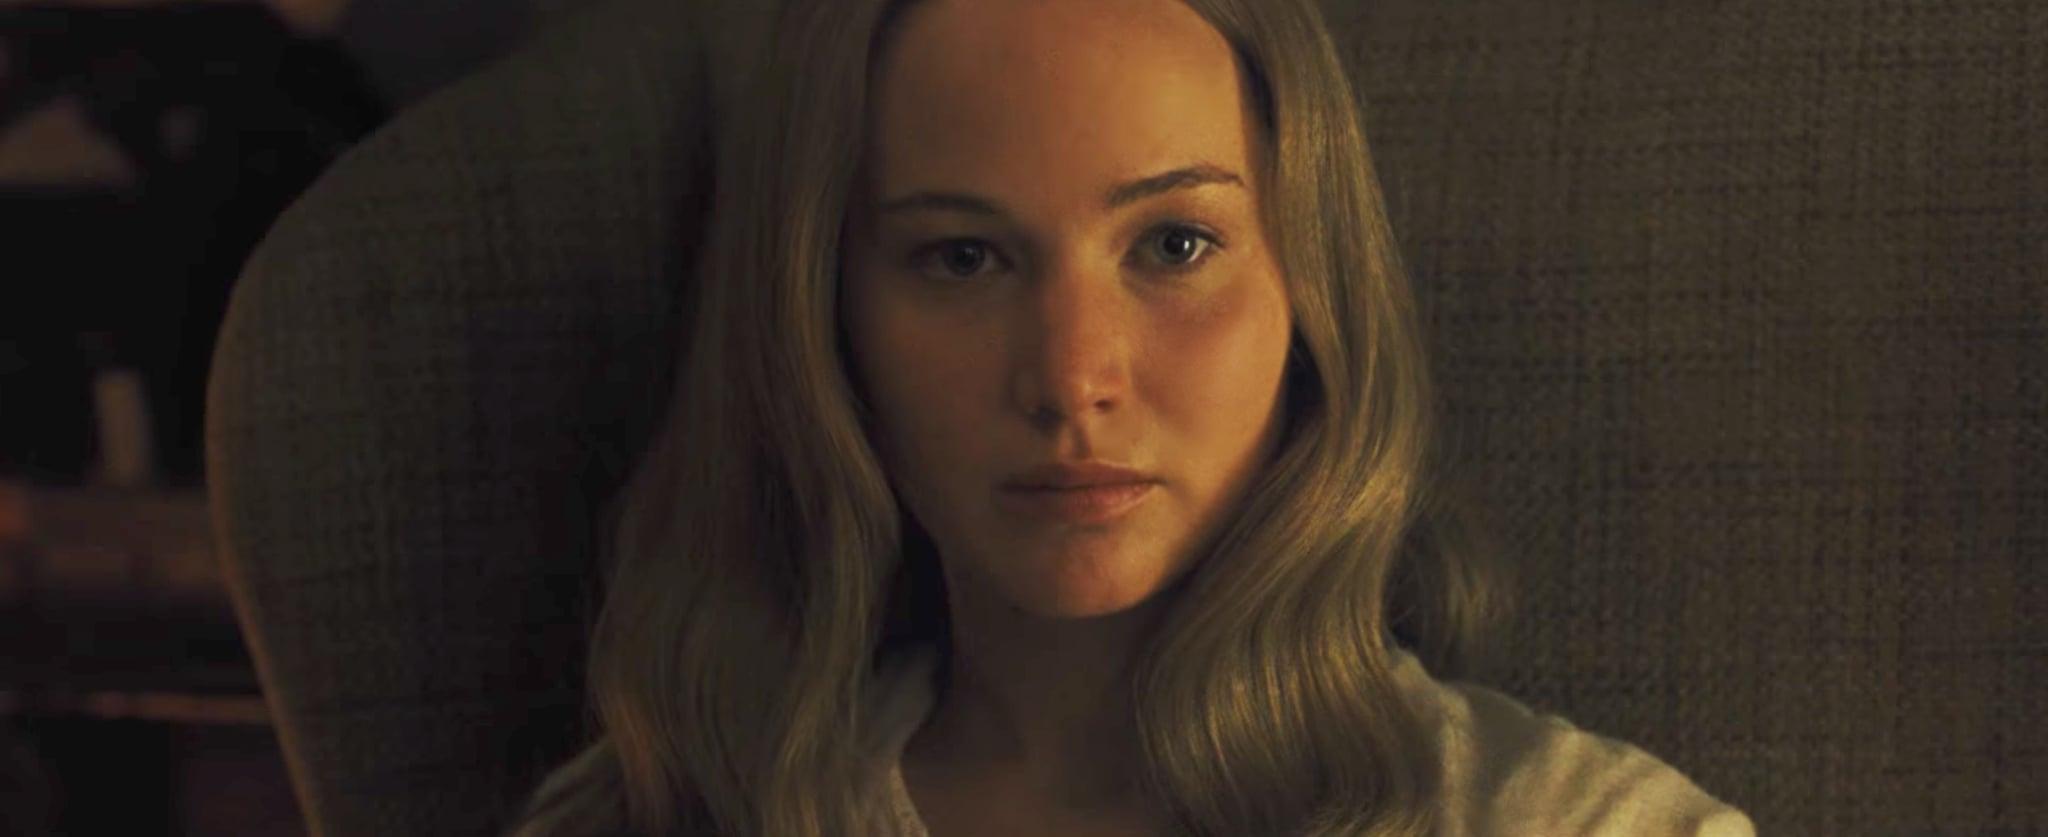 Výsledek obrázku pro mother movie